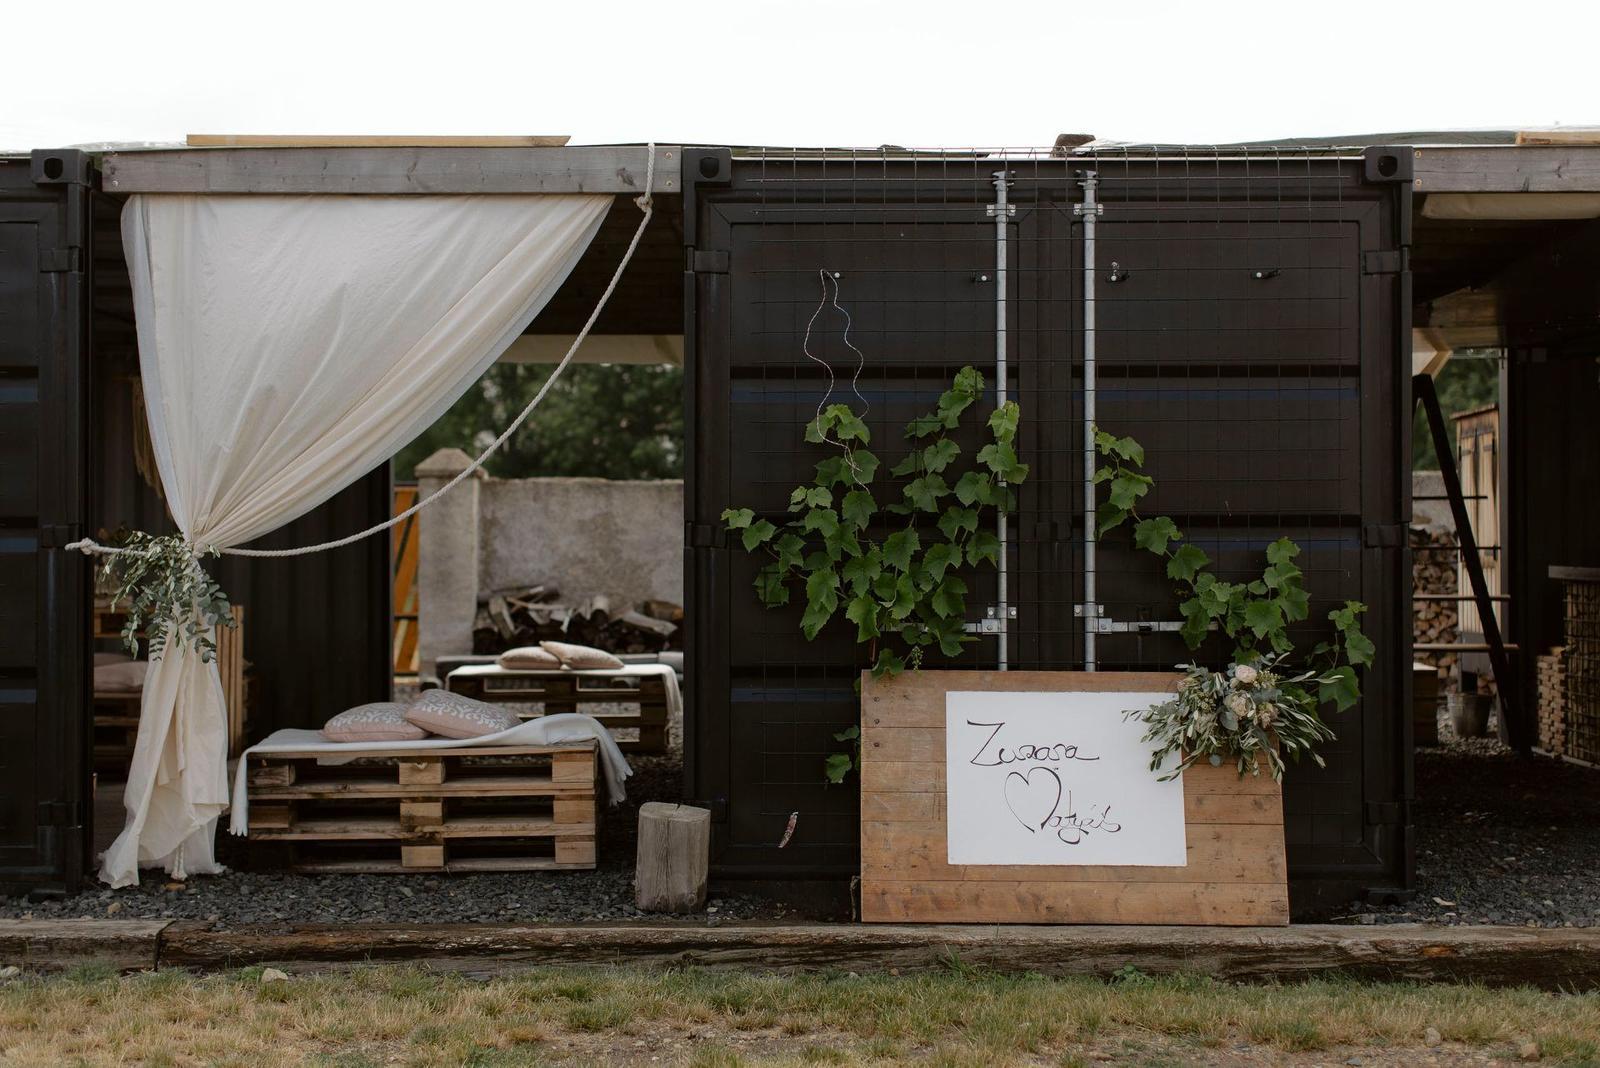 Svatby s Terezou - naše práce - Obrázek č. 6